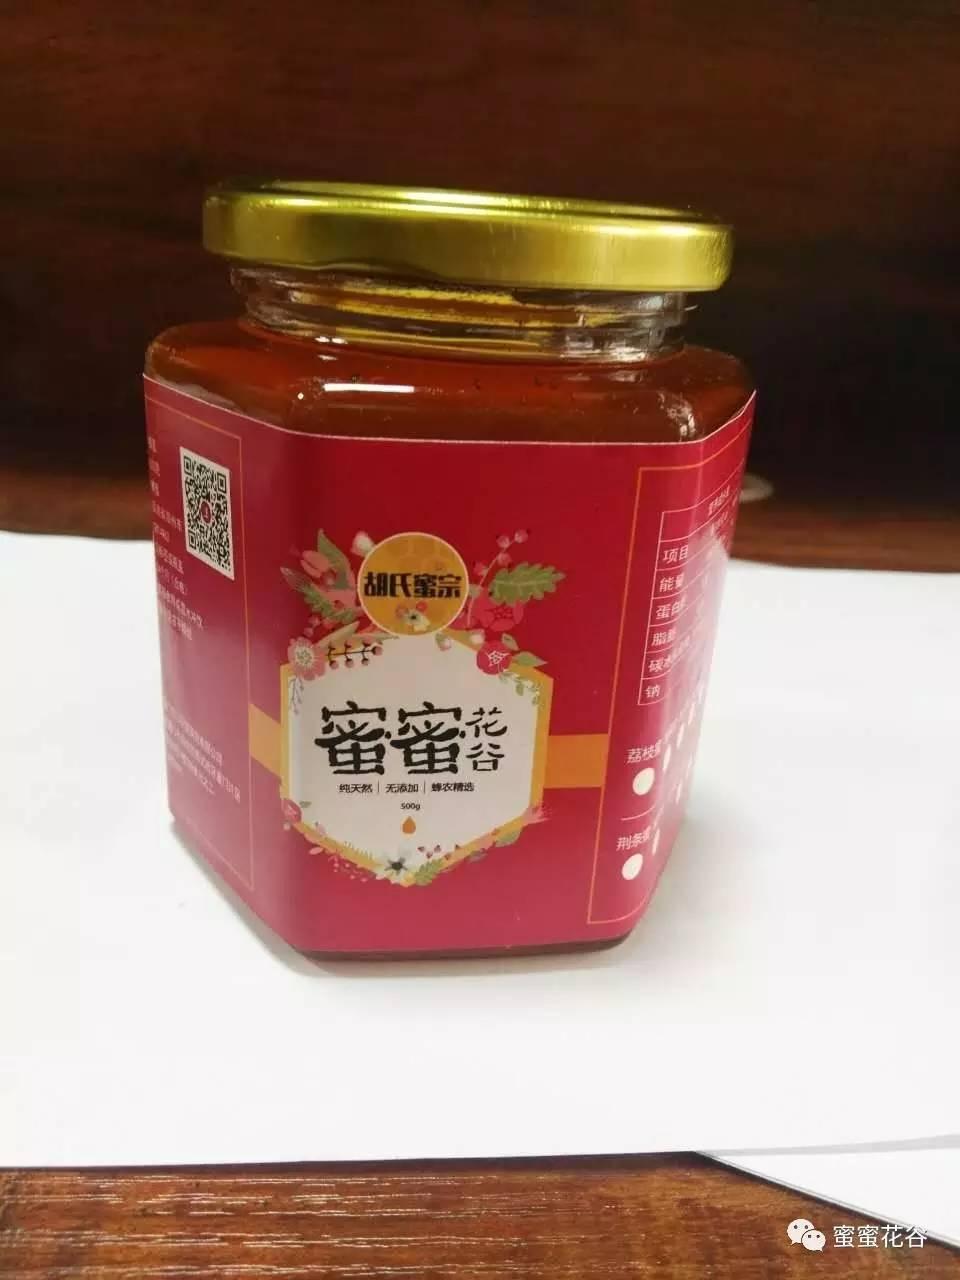 洋槐蜂蜜价格 蜂蜜涂脸 蜂蜜美容 生蜂蜜 真蜂蜜多少钱一斤